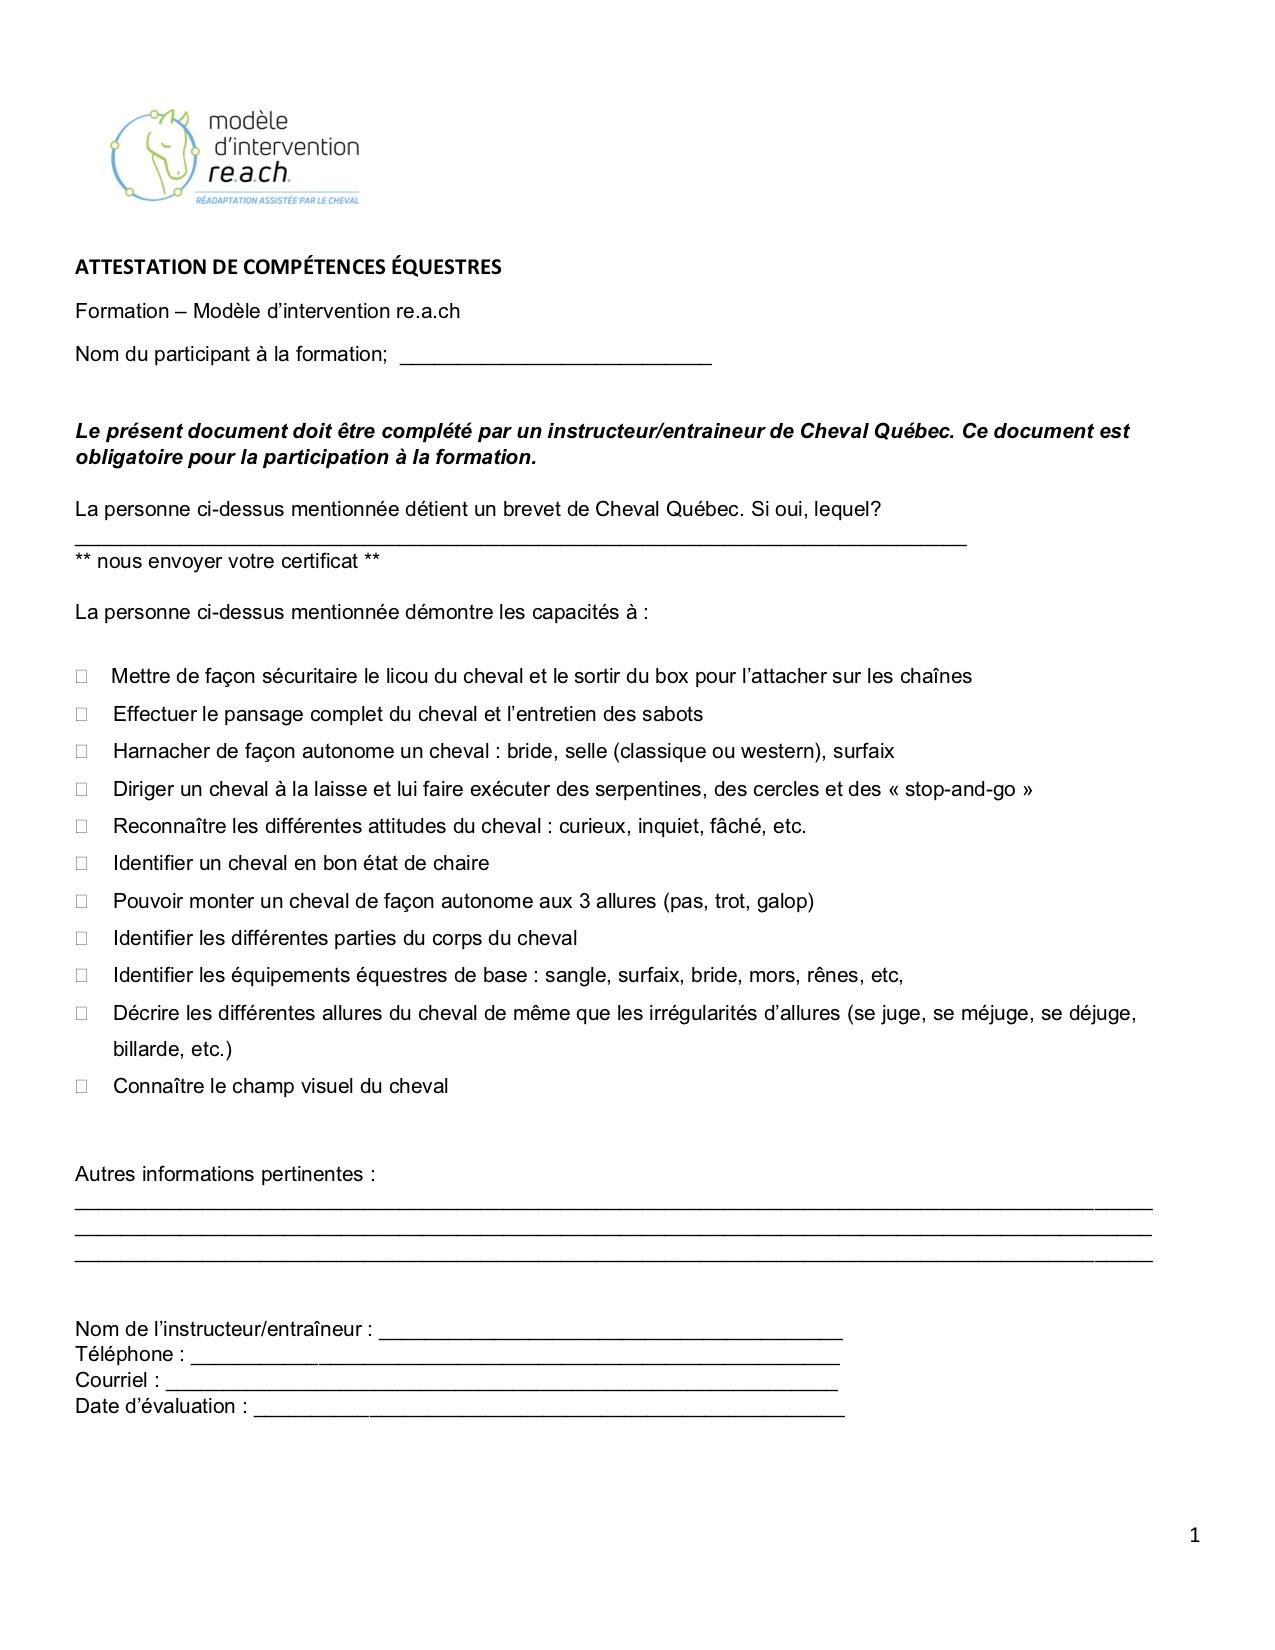 compétences équestres nécessaires pour s'inscrire à la formation re.a.ch pour ergothérapeutes, physiothérapeutes et orthophonistes